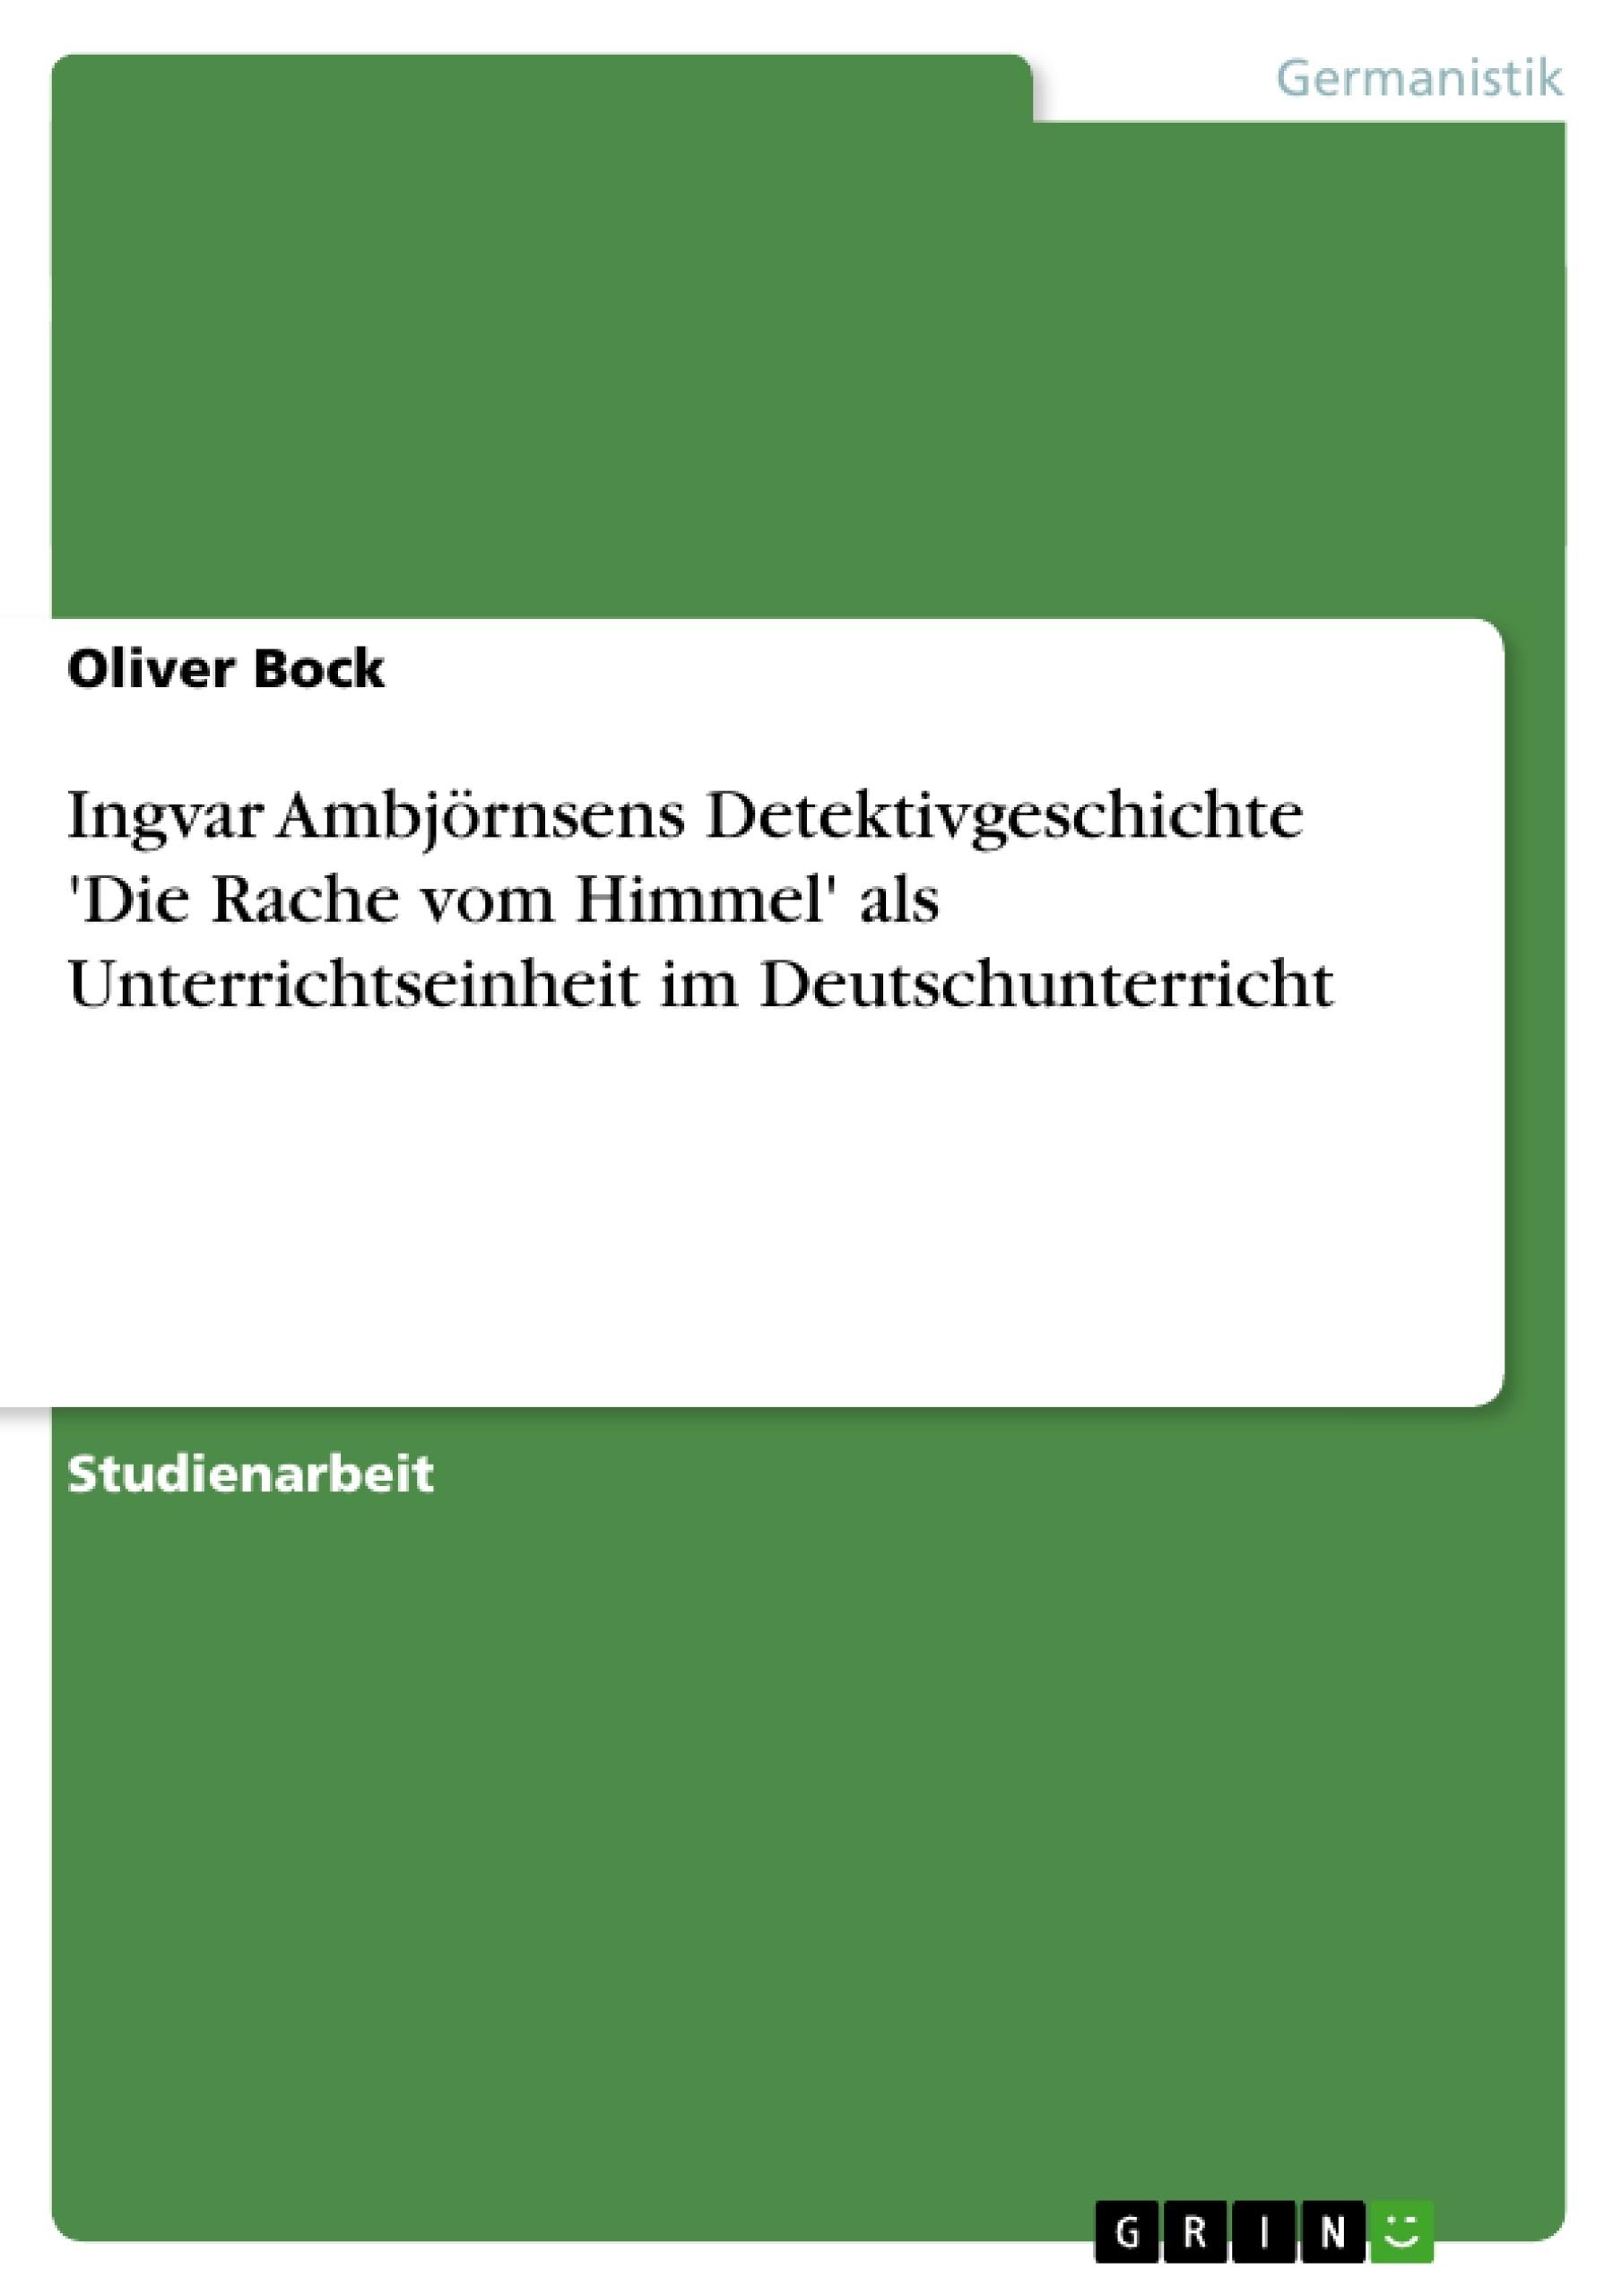 Titel: Ingvar Ambjörnsens Detektivgeschichte 'Die Rache vom Himmel' als Unterrichtseinheit im Deutschunterricht